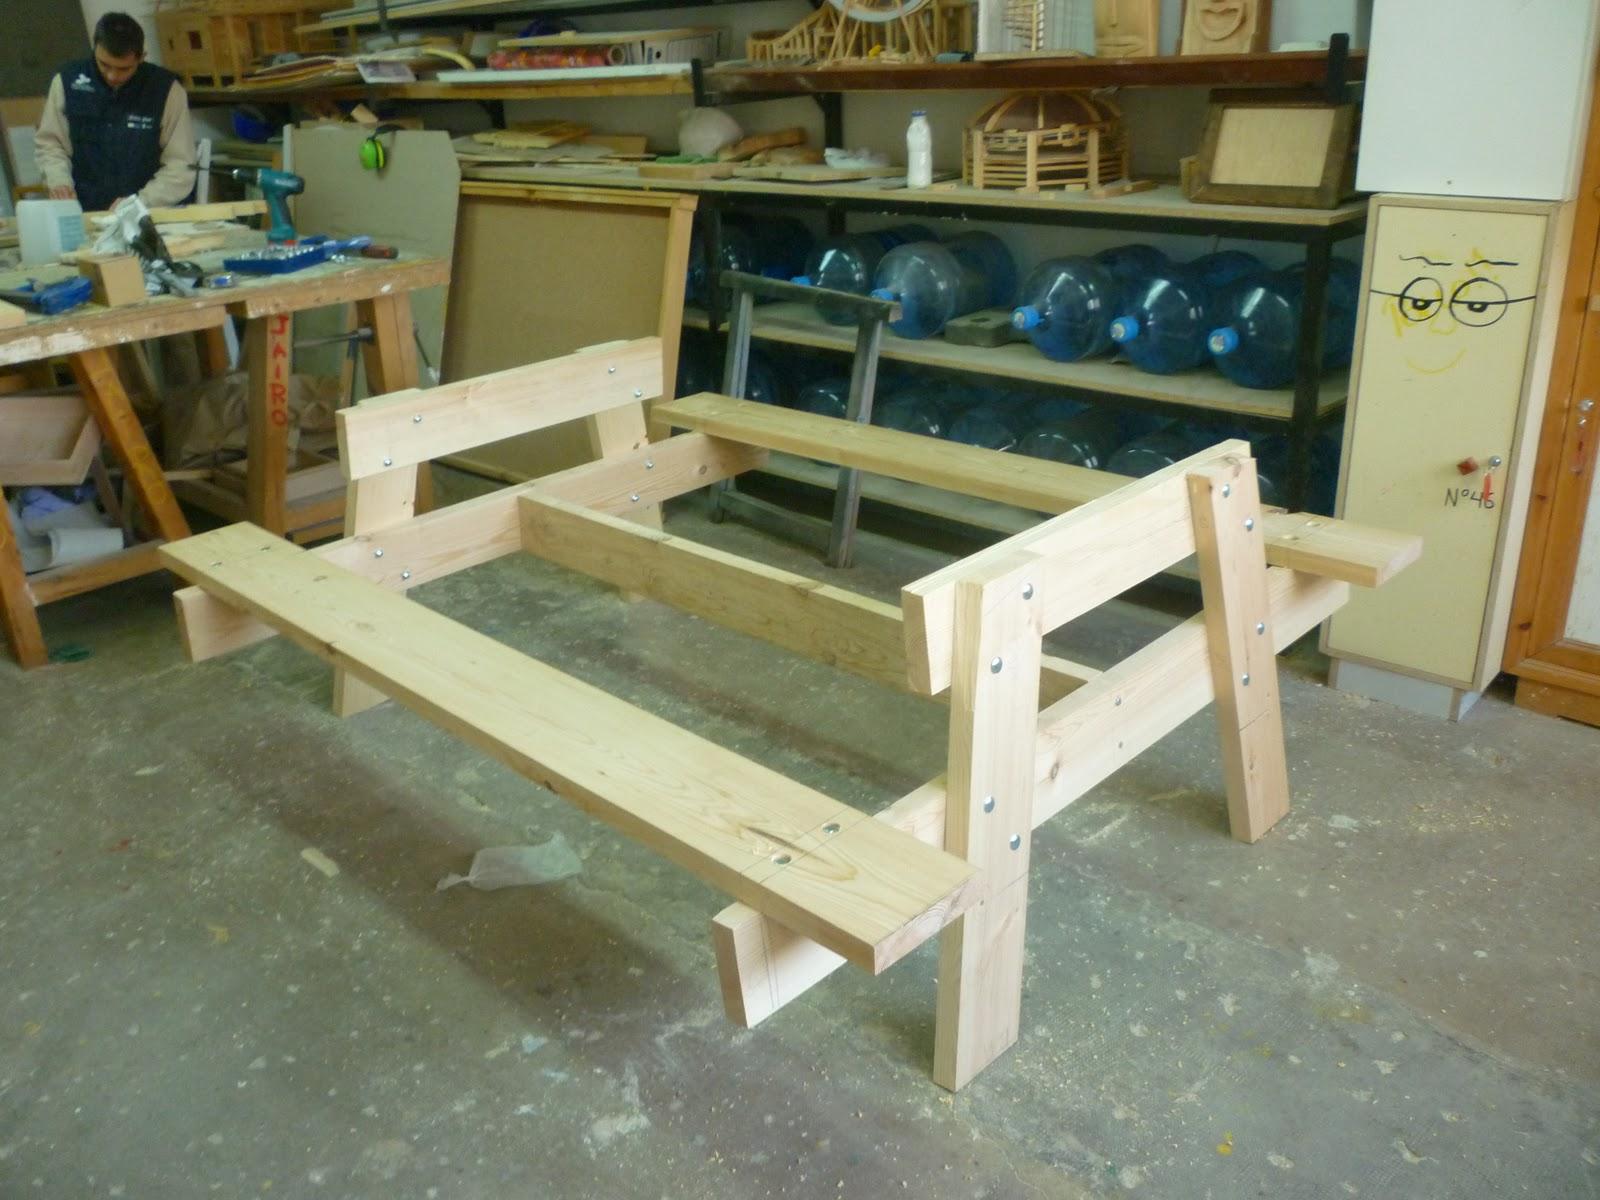 Carpinter a de madera peque os trabajos internos for Carpinteria de madera